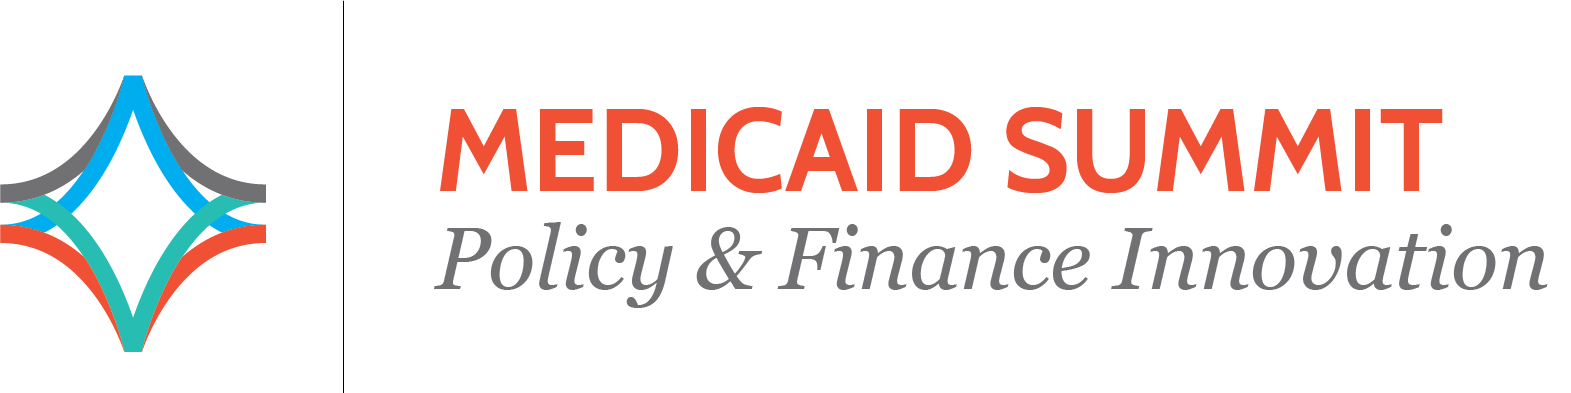 Medicaid Summit